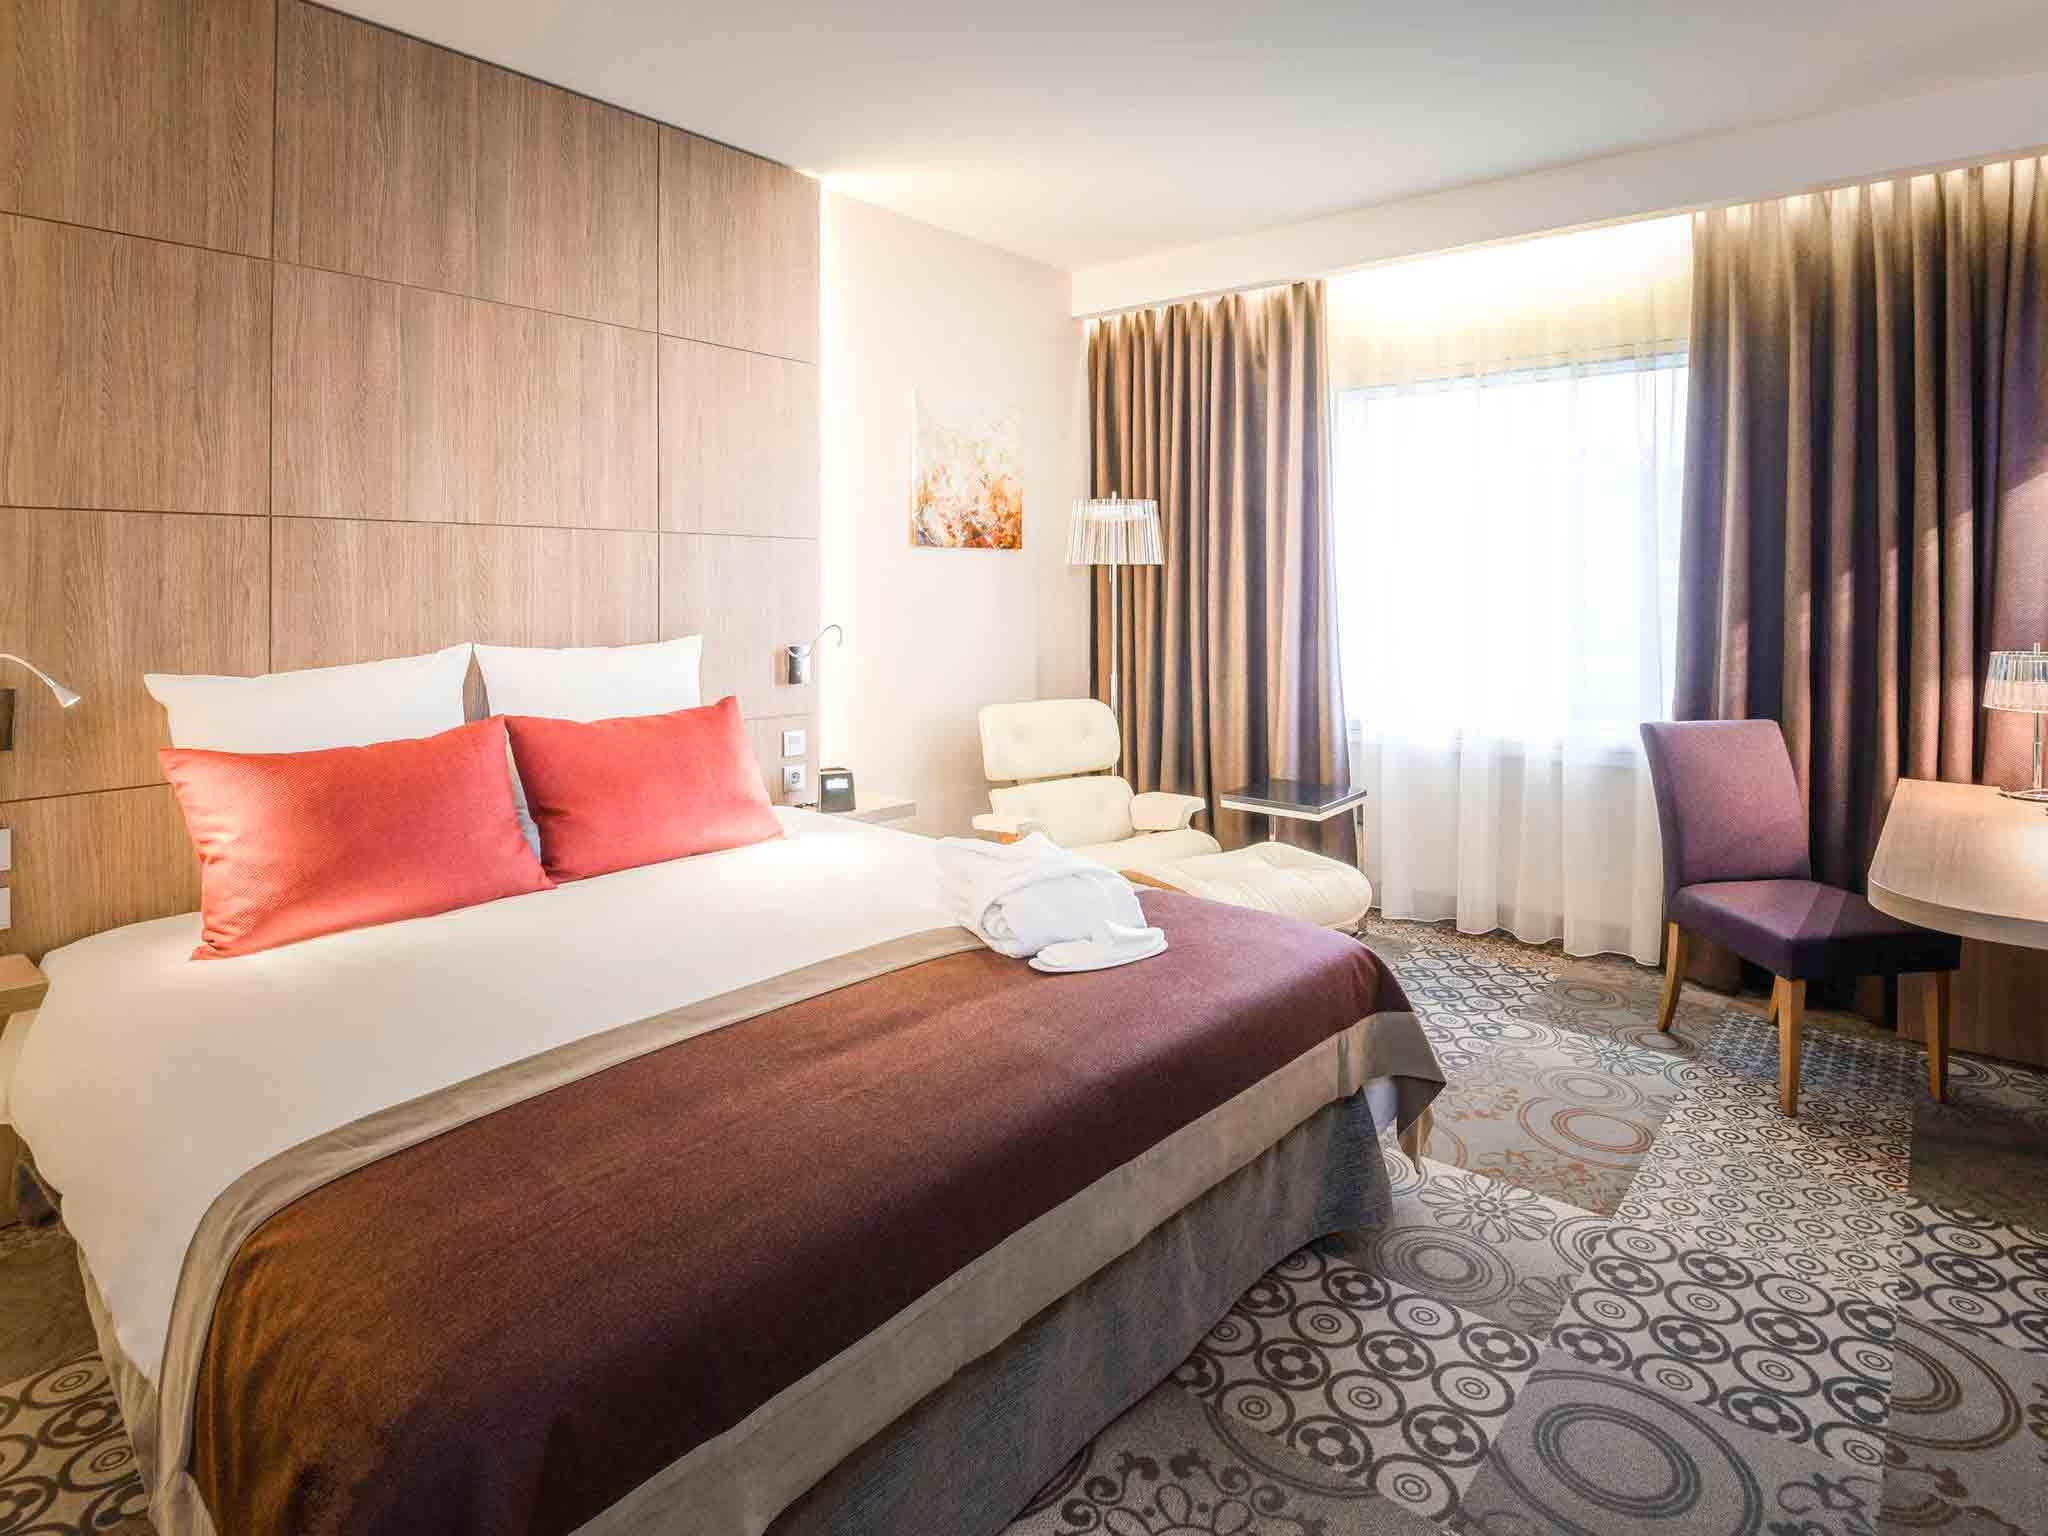 Novotel Hotel in Sheremetyevo